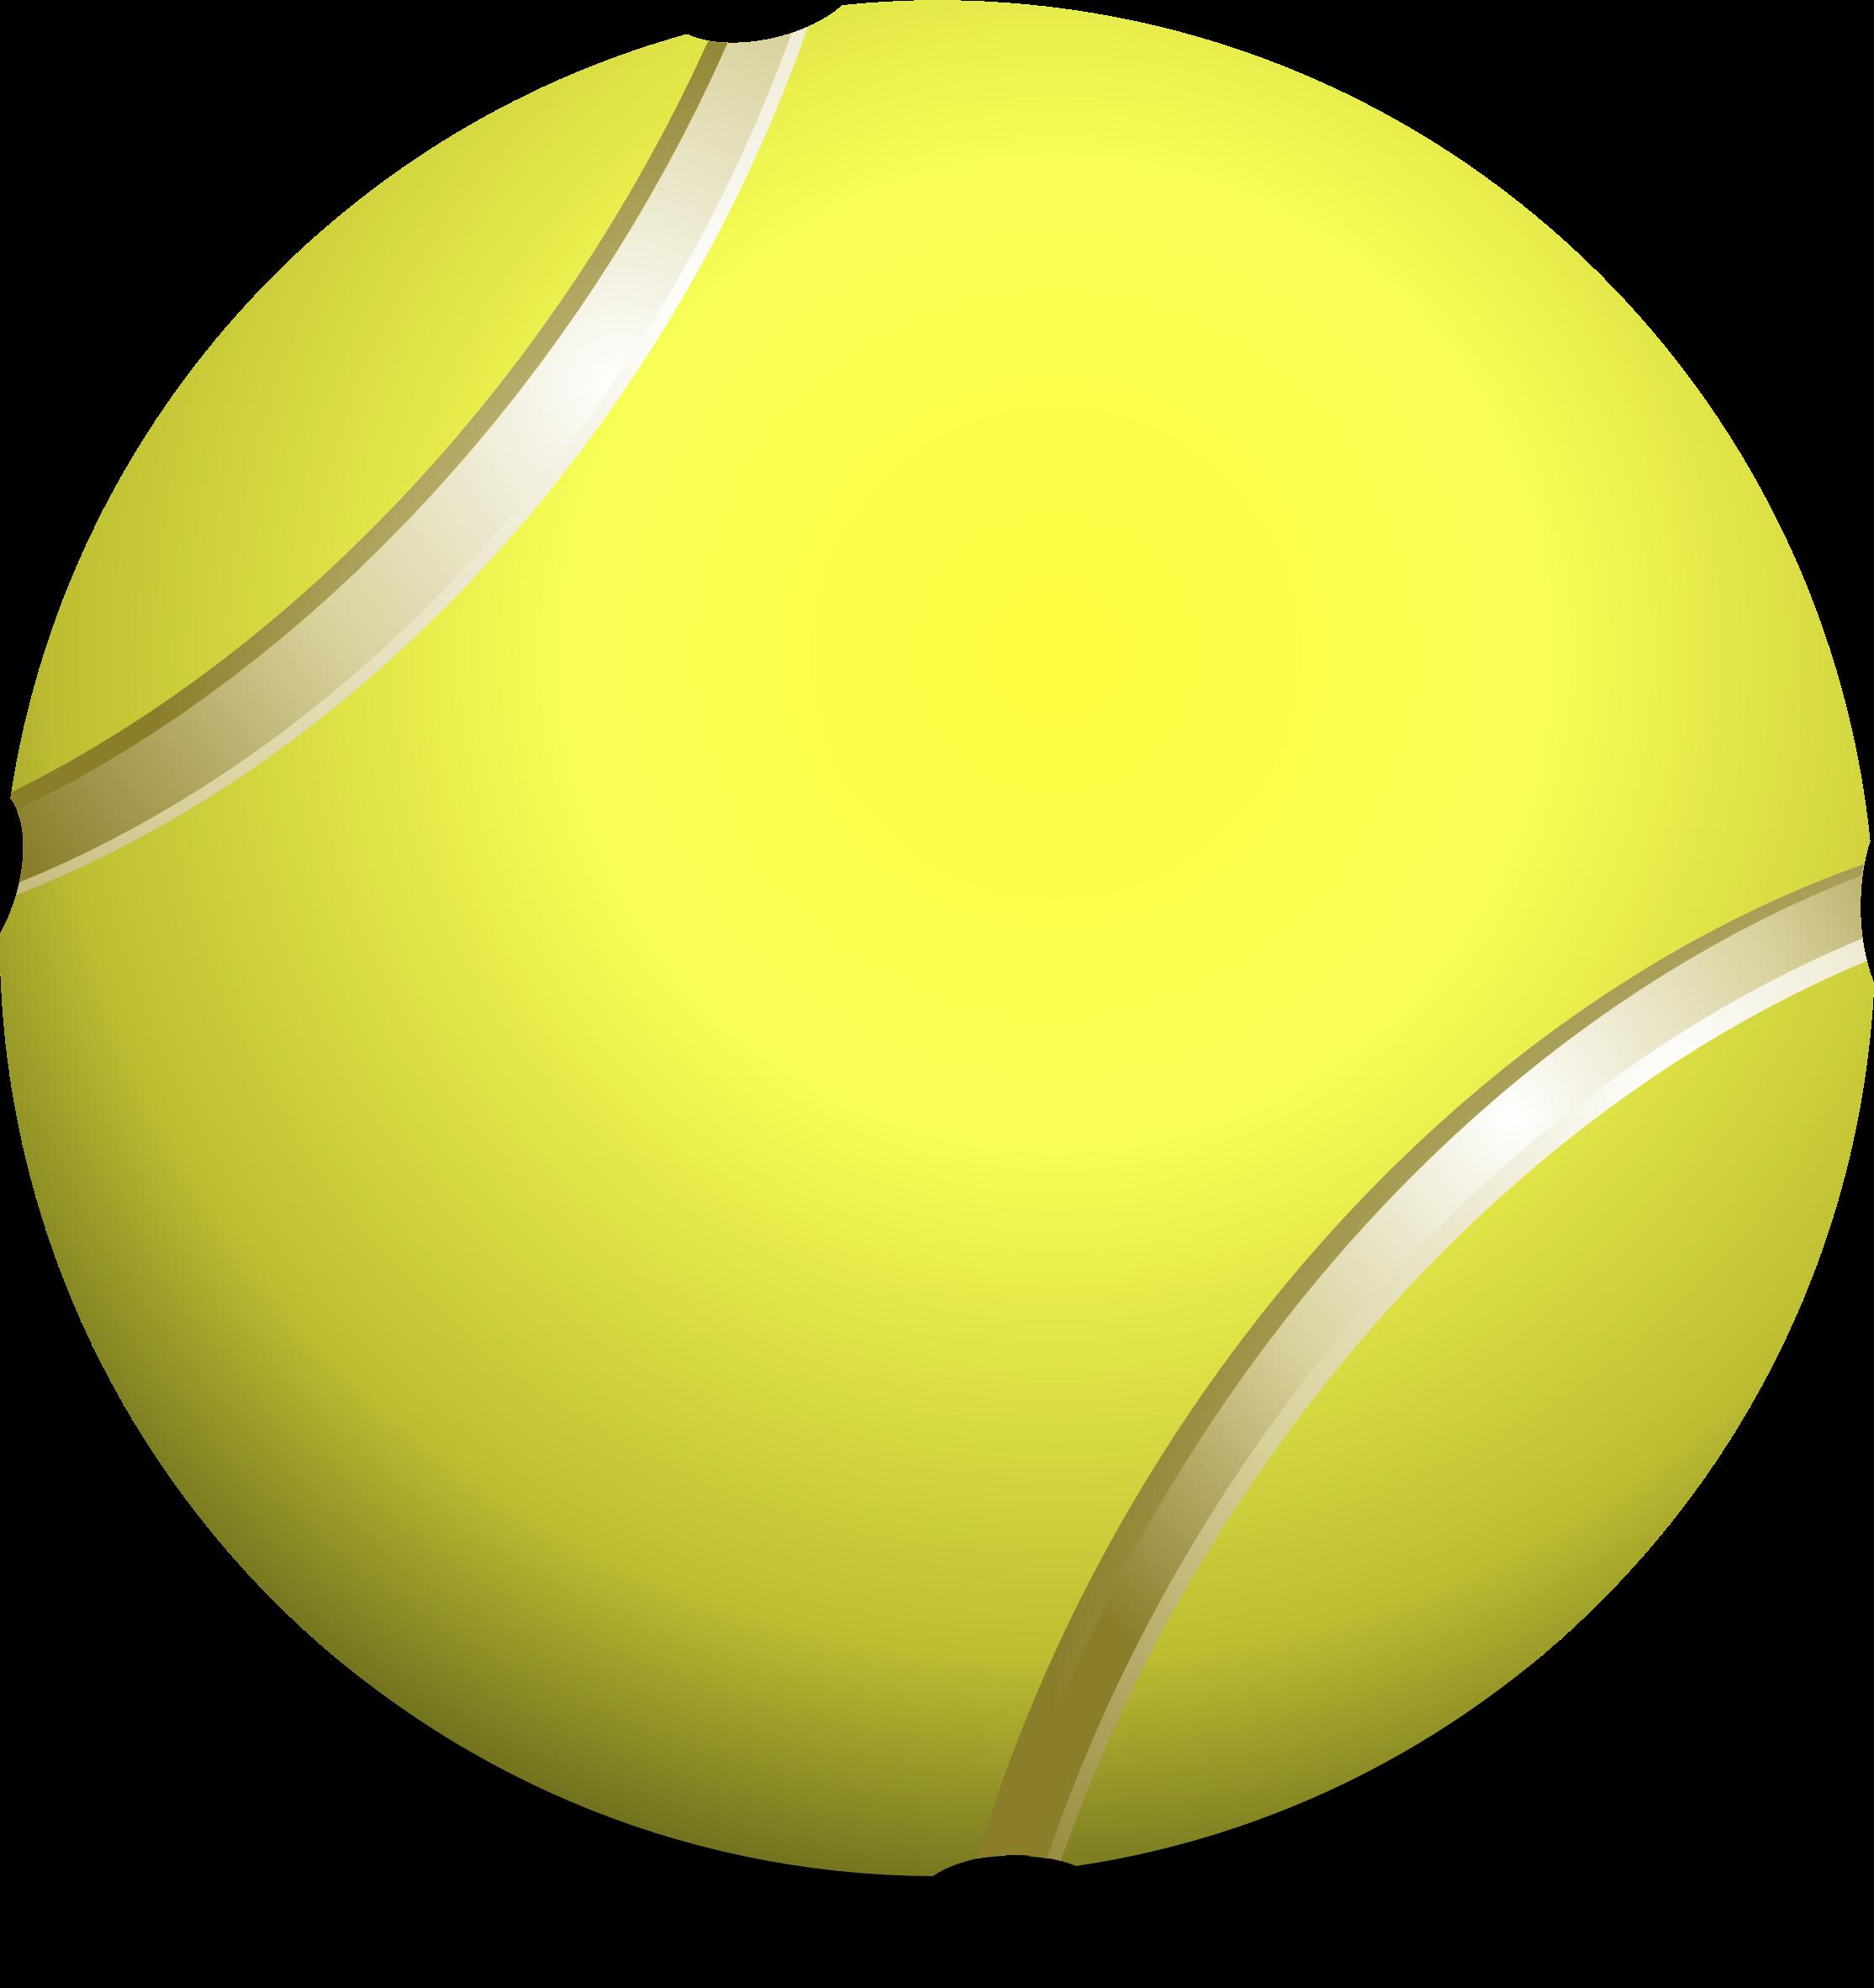 Clipart tennis ball teniso kamuoliukas